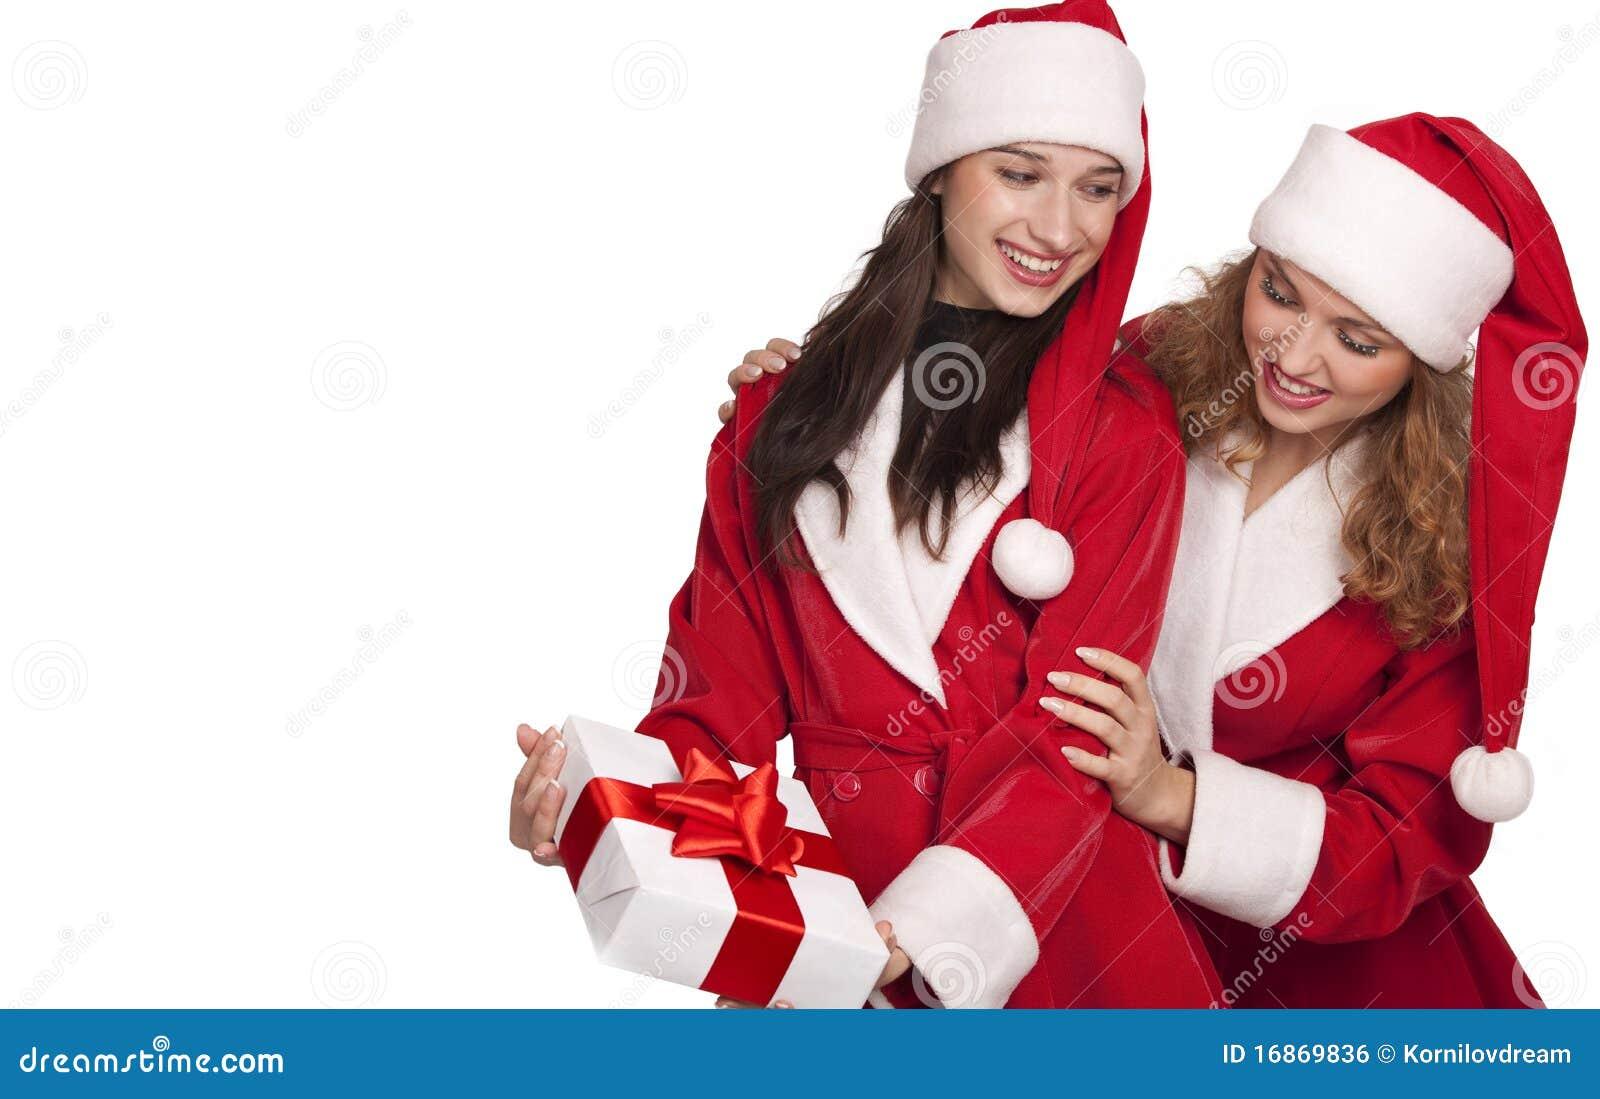 Santa com presente do Natal